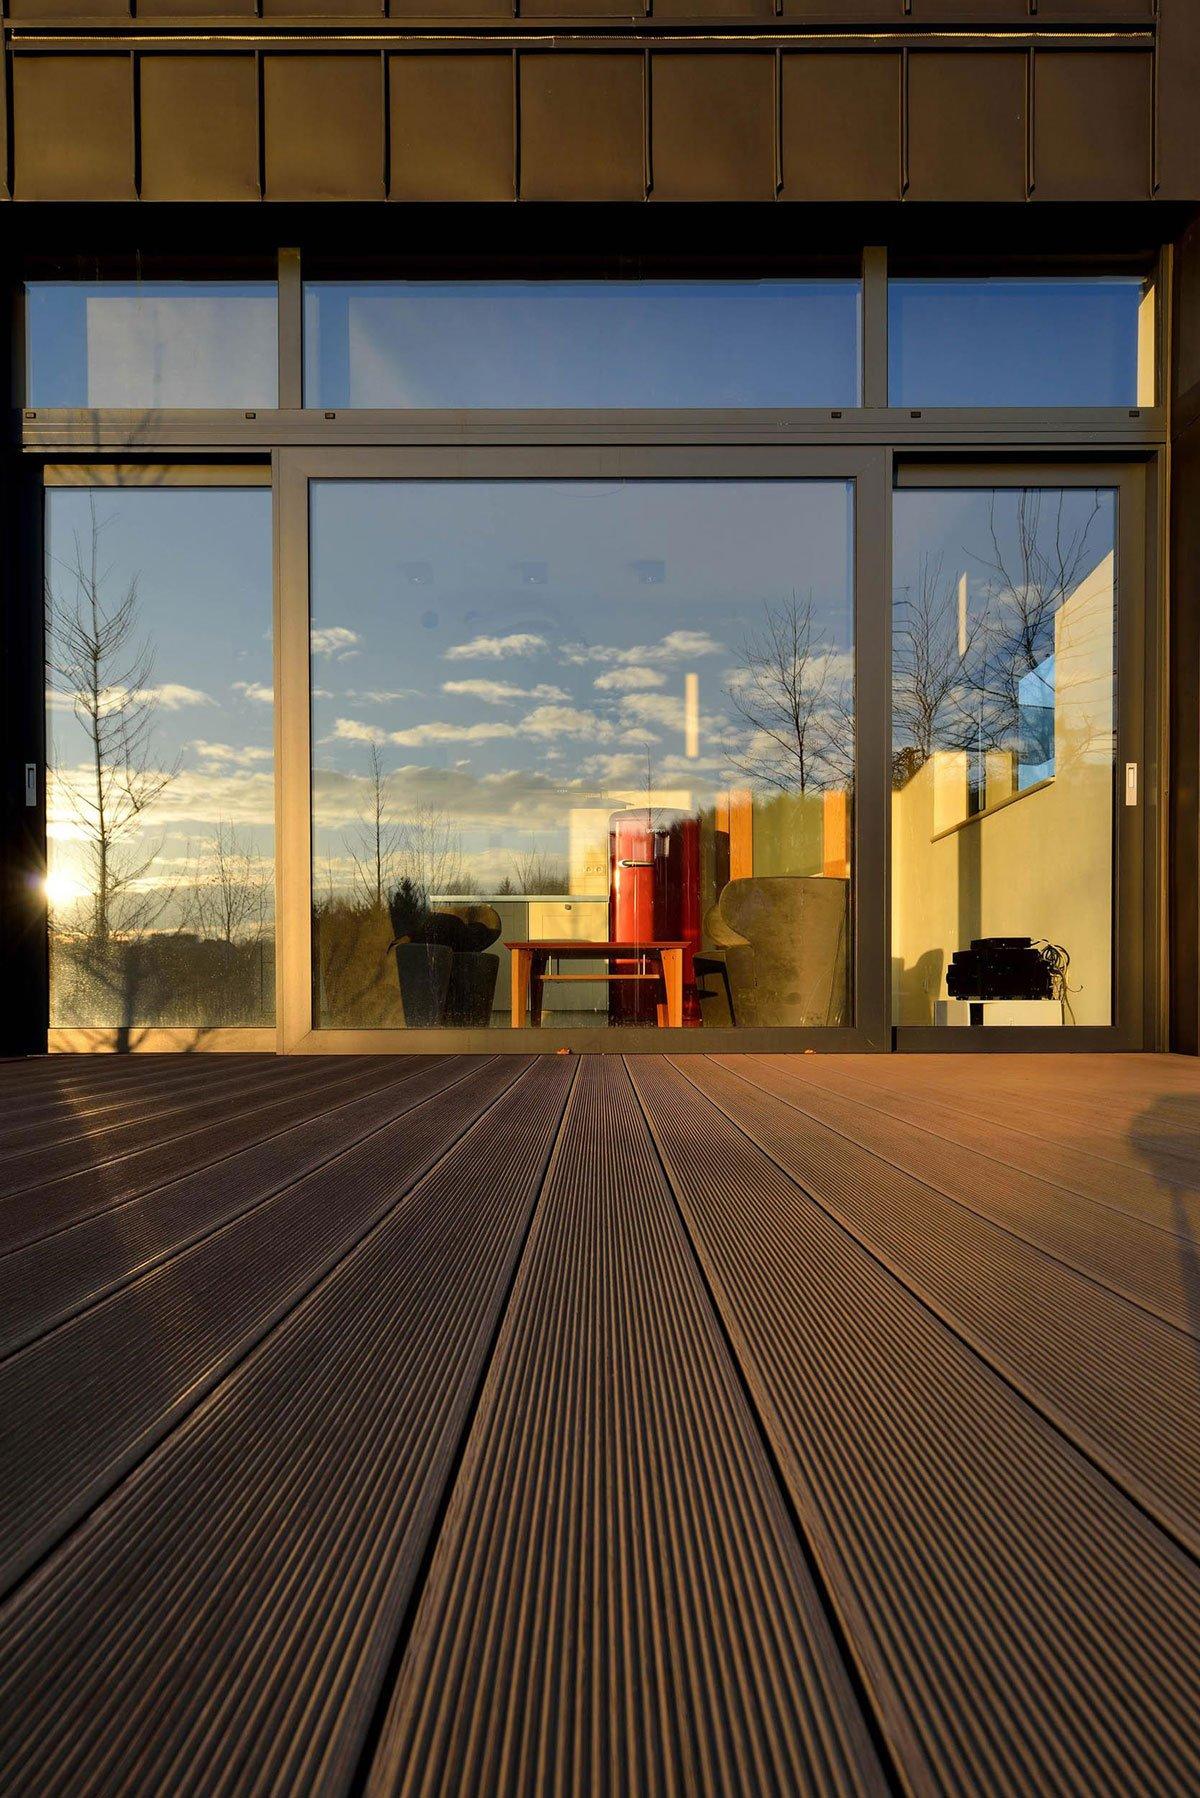 план дома, схема частного дома, крошечный частный дом, проекты маленьких частных домов, интерьер маленького дома, гараж в частном доме